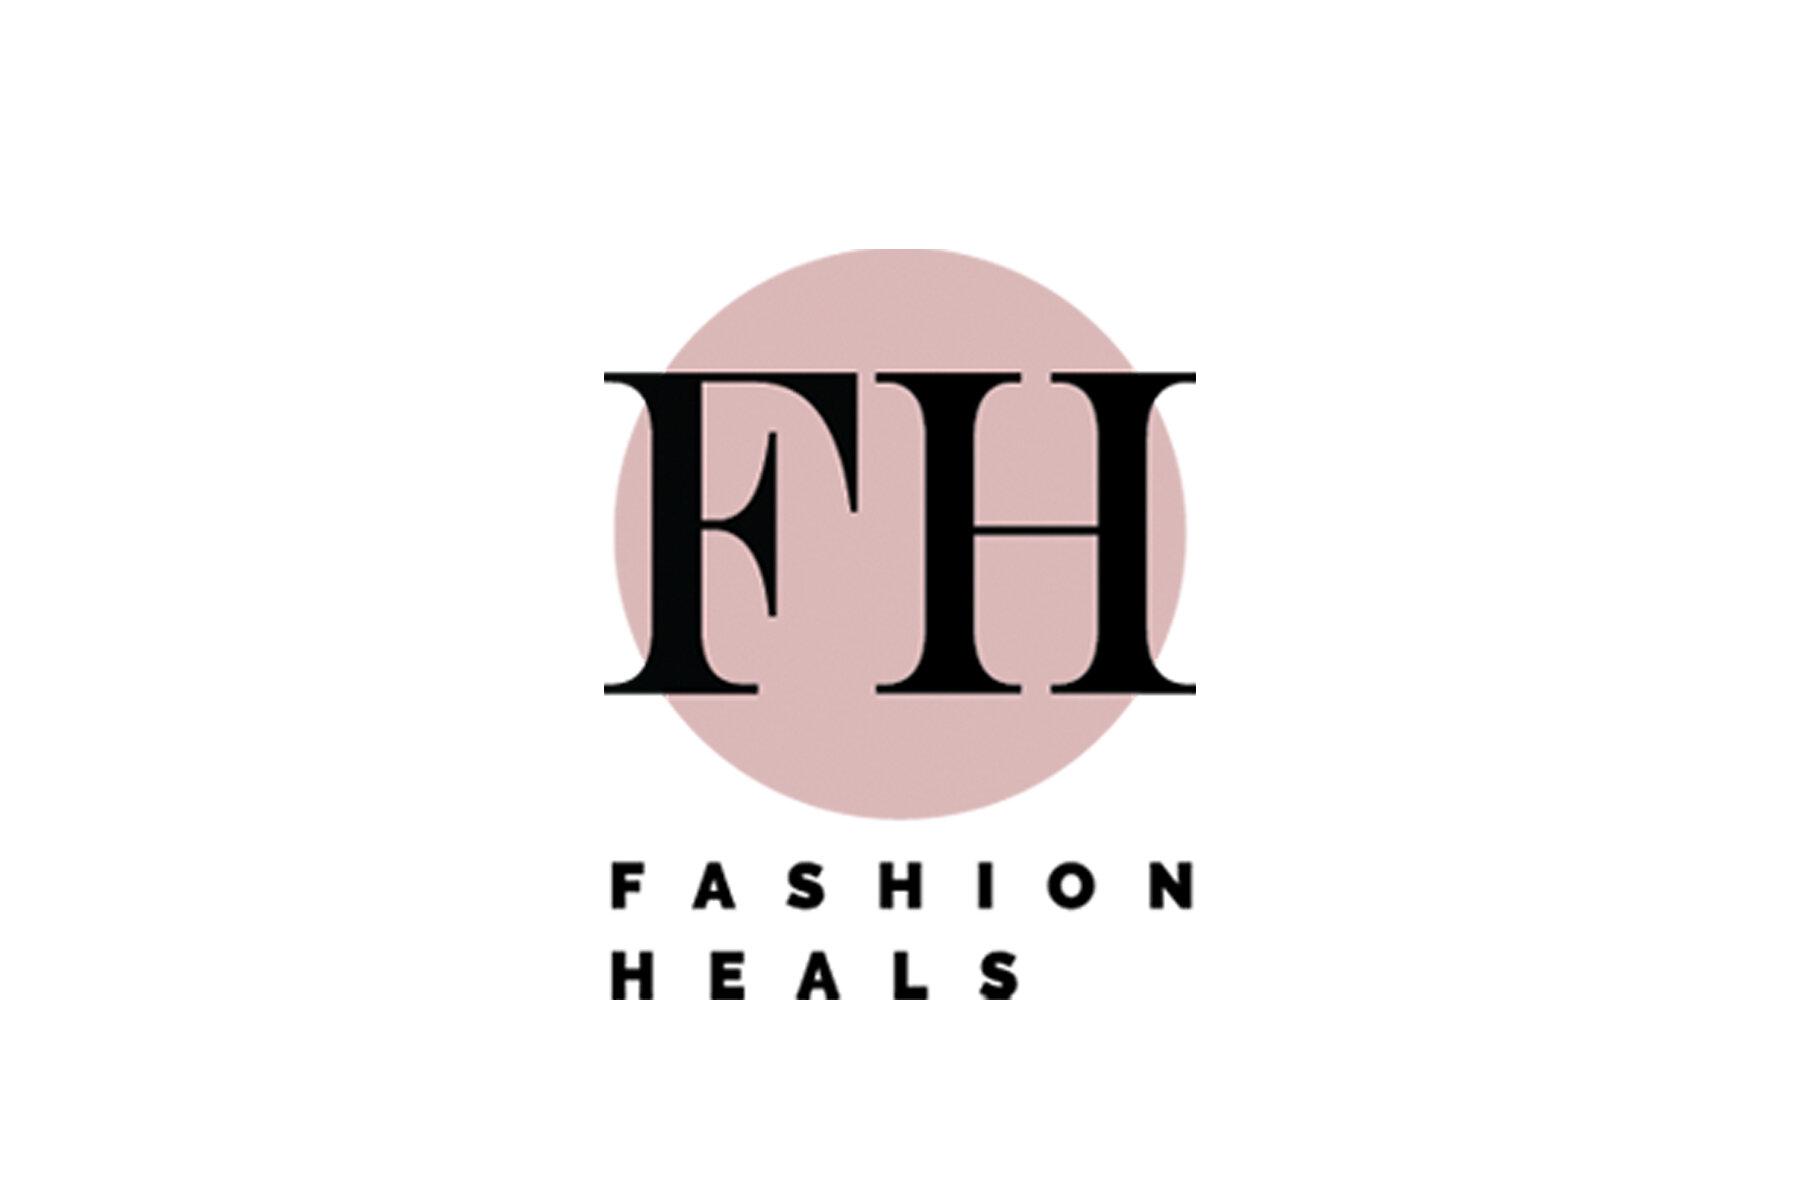 fashionheels logo.jpg